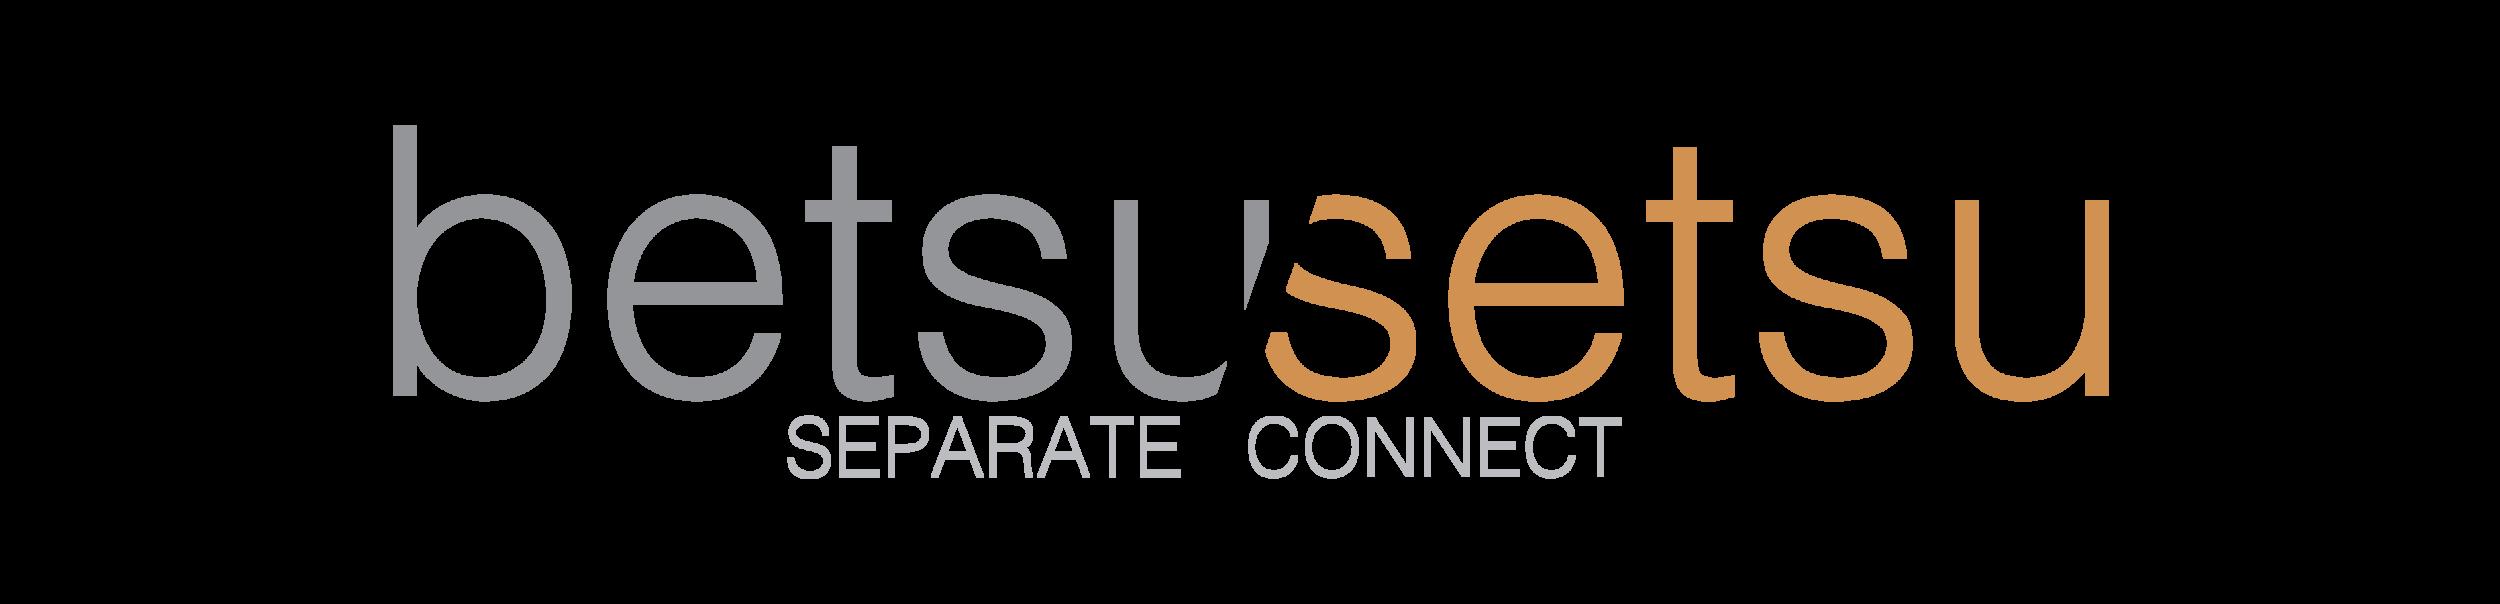 Betsu Setsu Logo.png